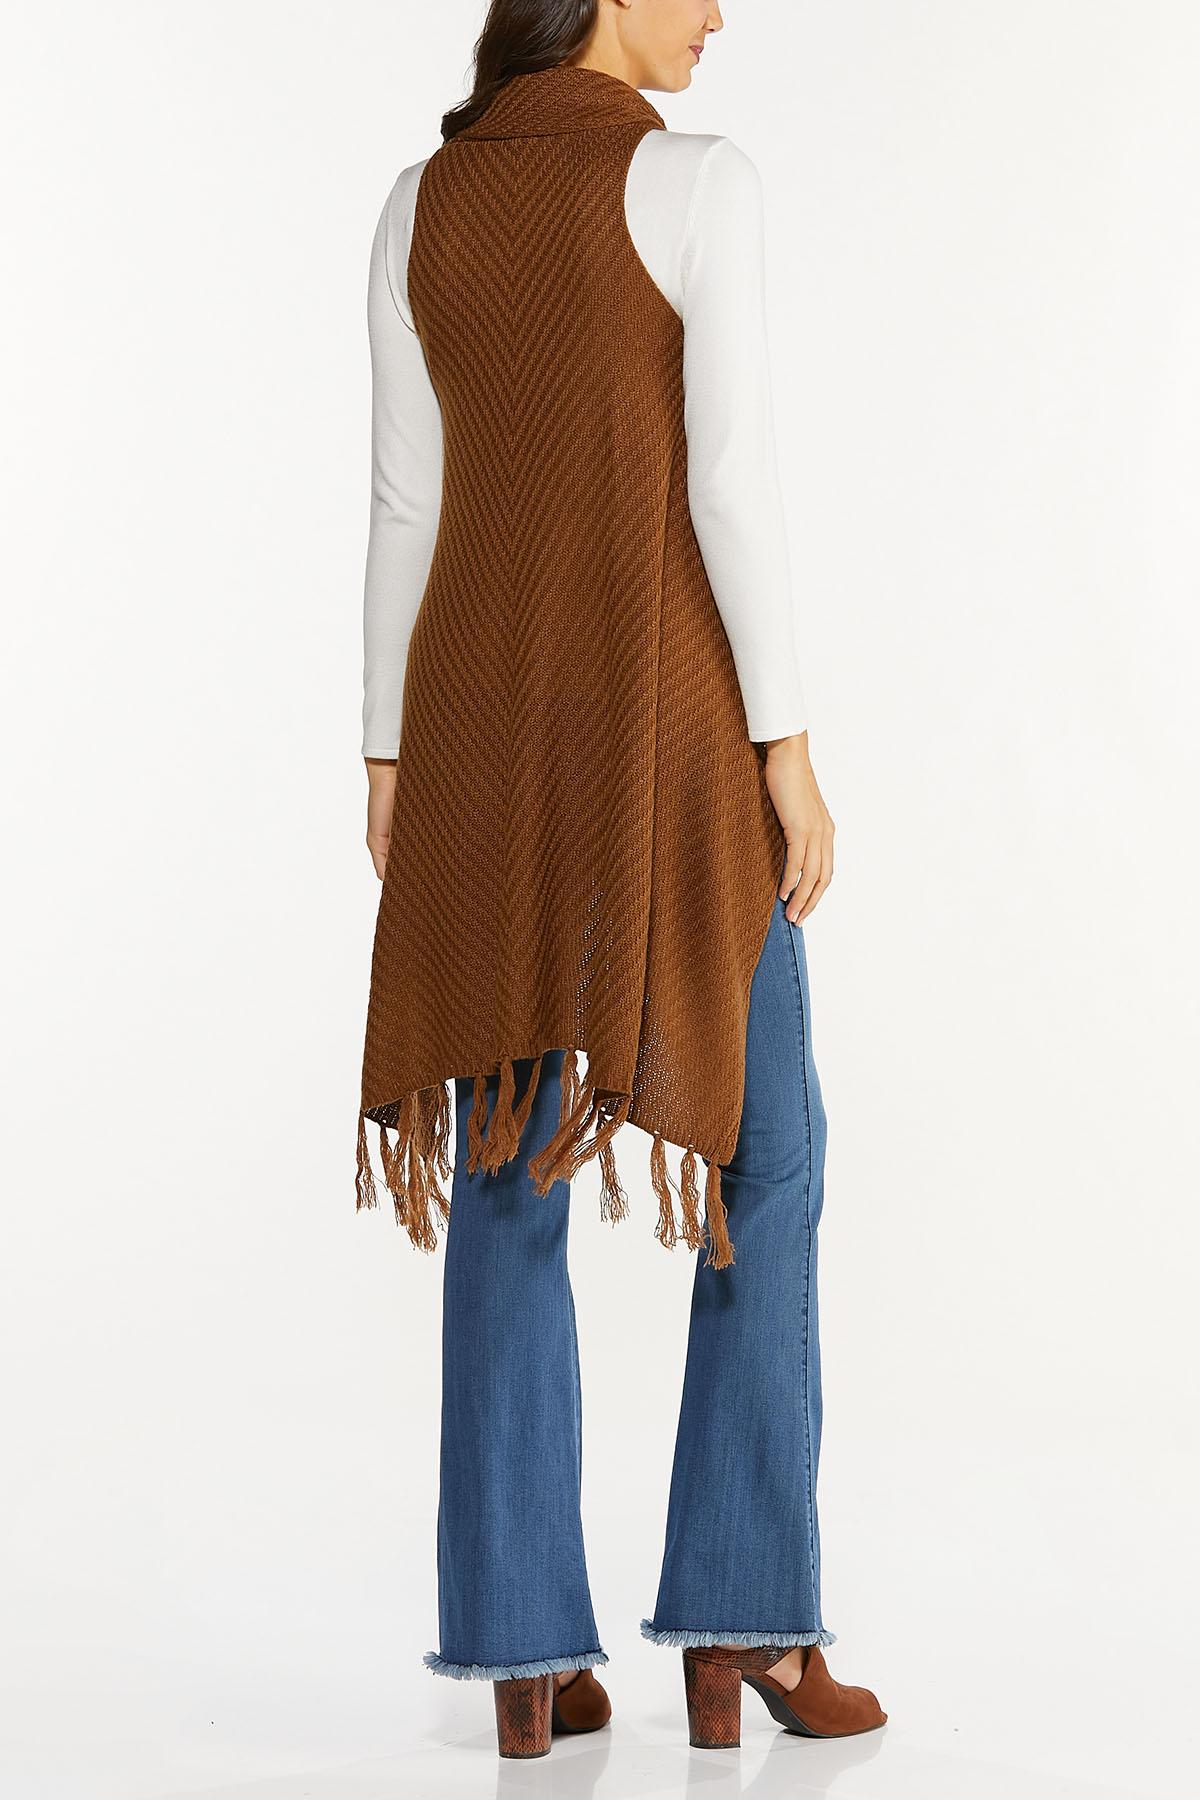 Plus Size Fringed Sleeveless Cardigan Sweater (Item #44656945)